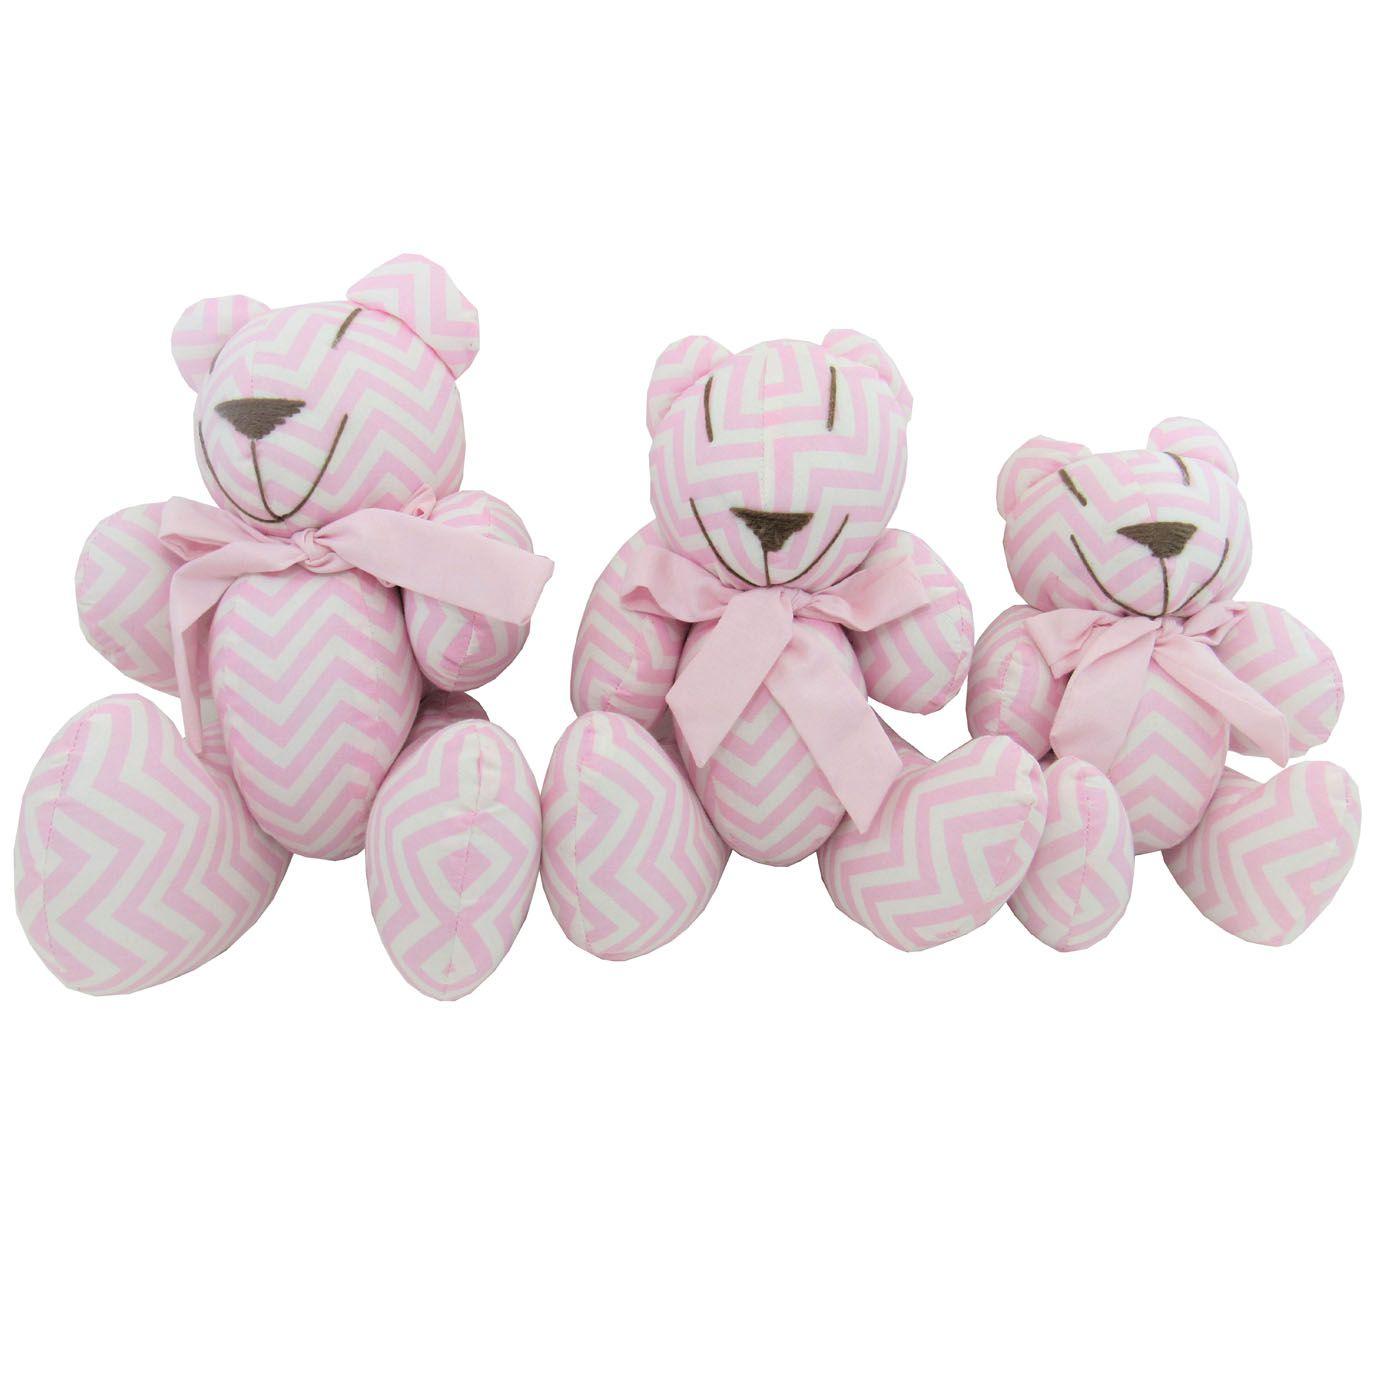 Trio de Urso Articulado - Tecido Menina